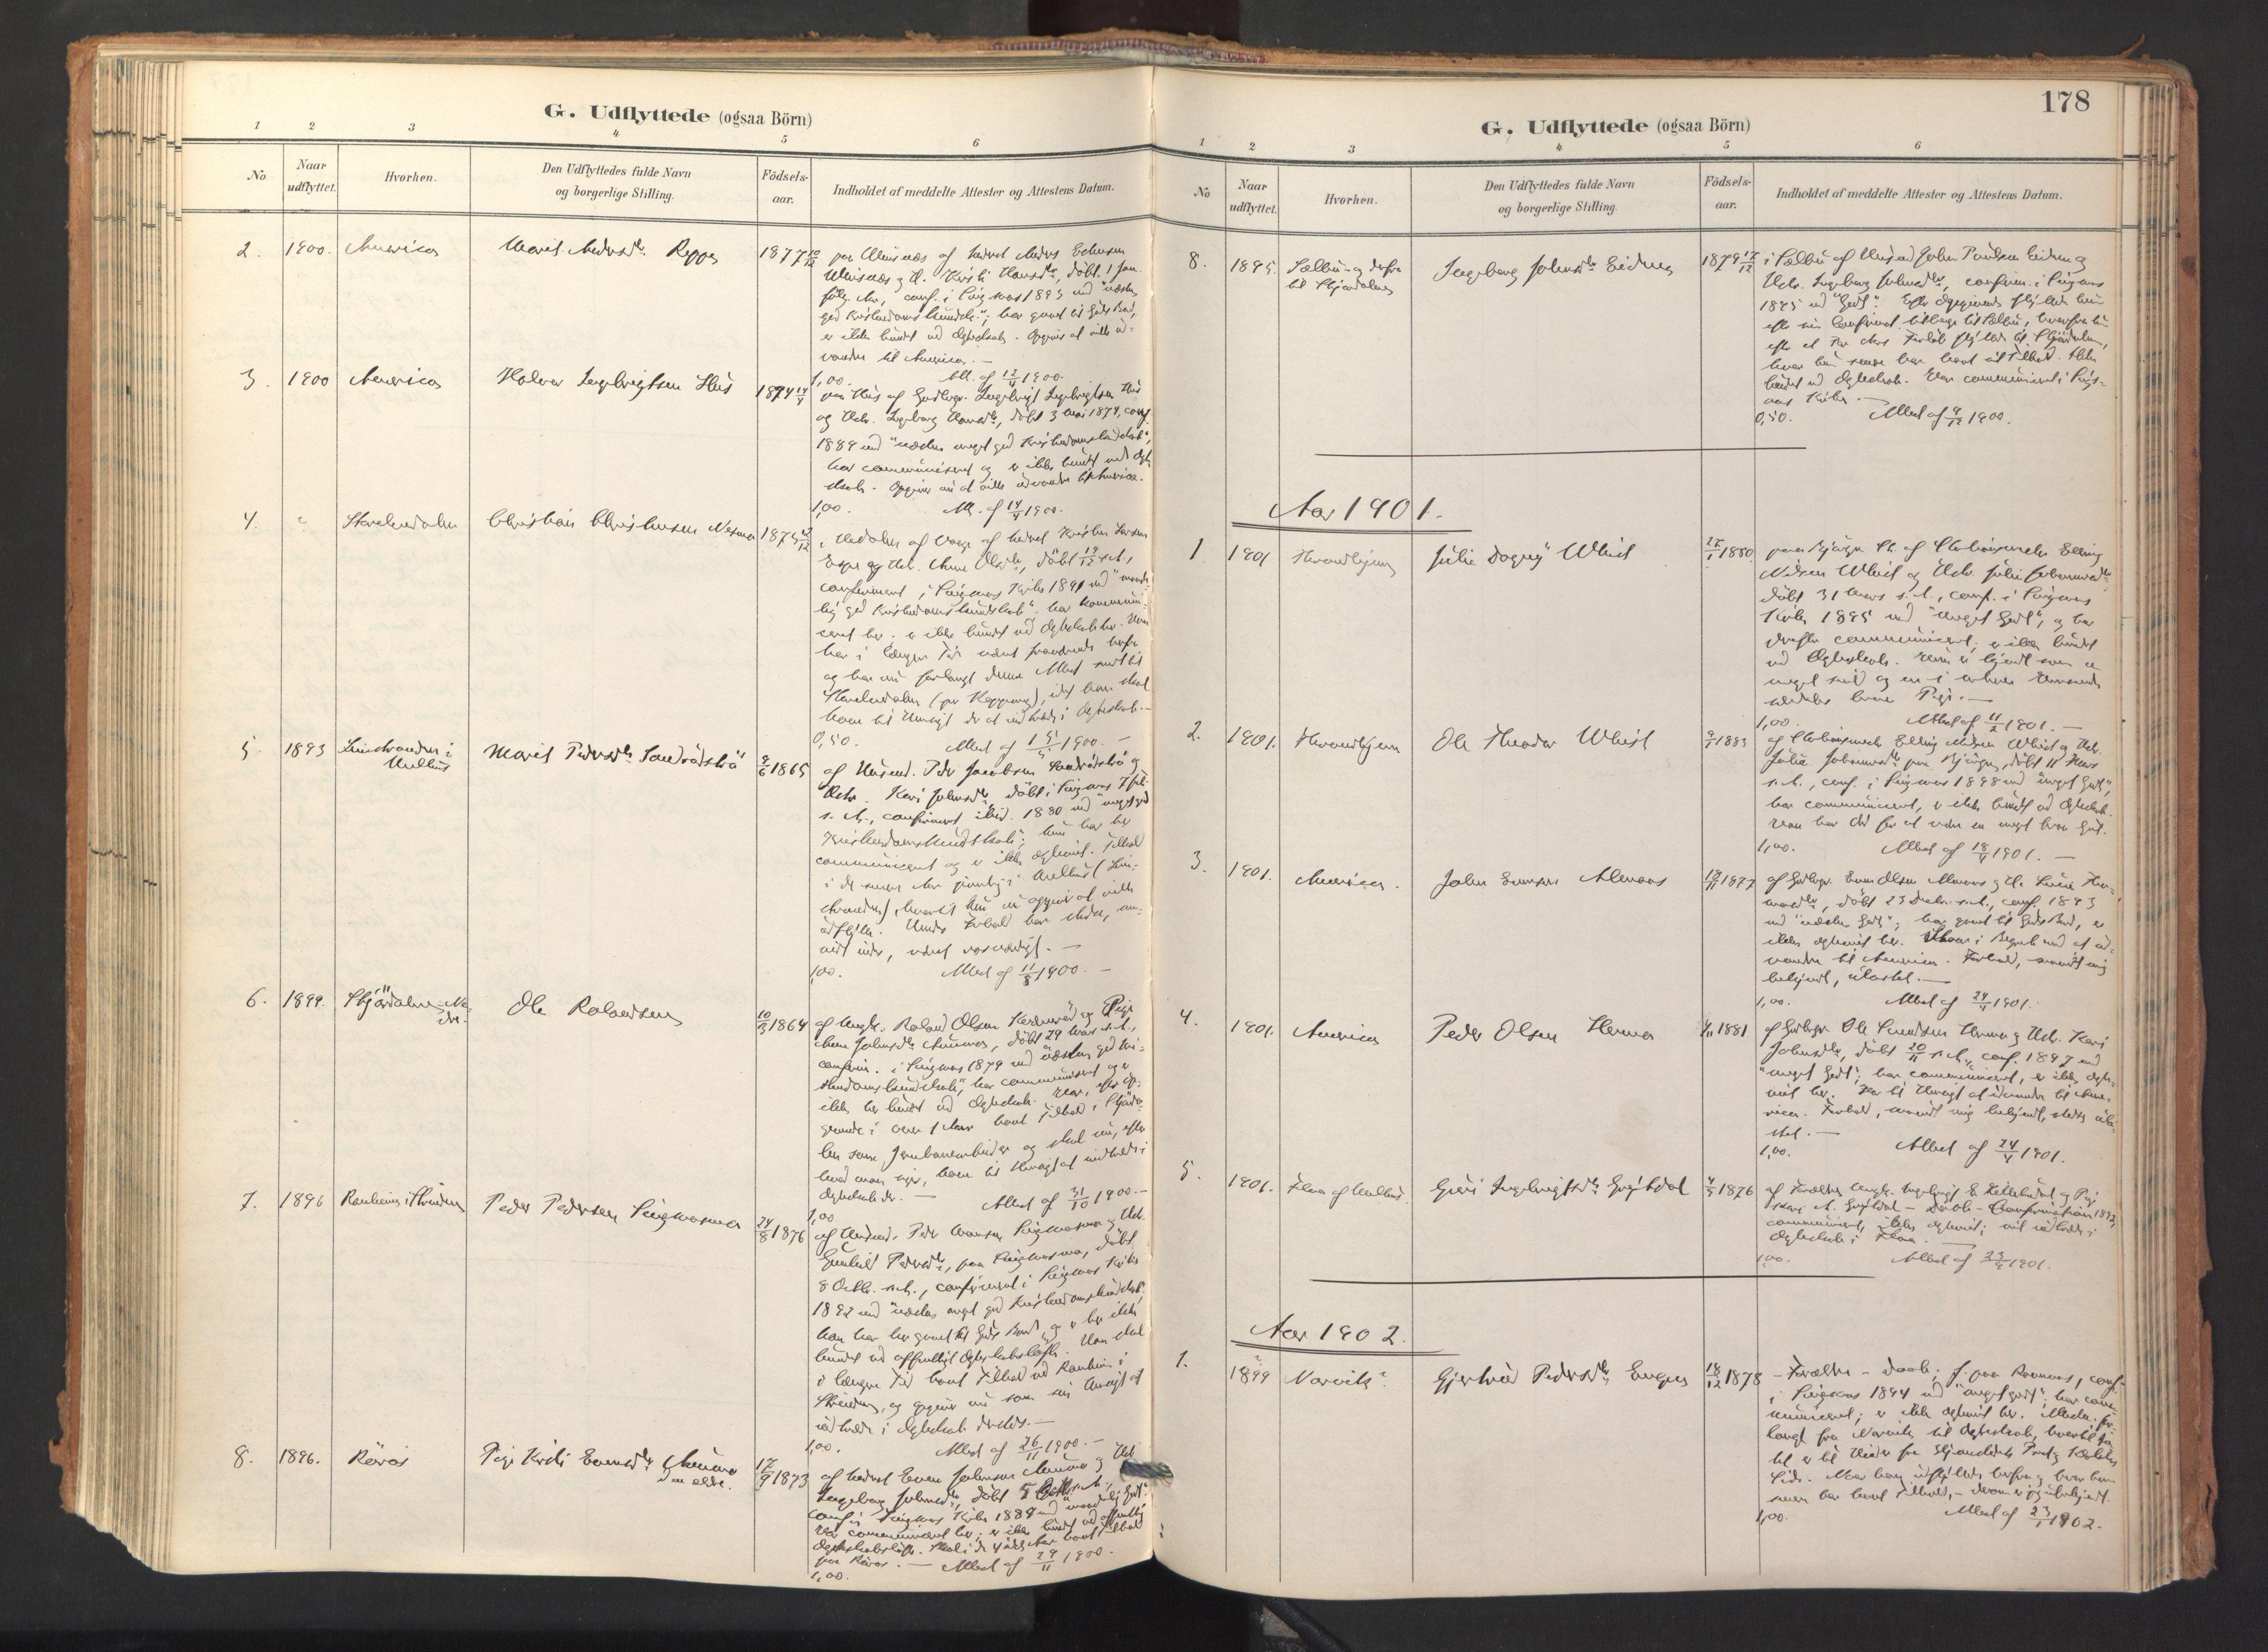 SAT, Ministerialprotokoller, klokkerbøker og fødselsregistre - Sør-Trøndelag, 688/L1025: Ministerialbok nr. 688A02, 1891-1909, s. 178